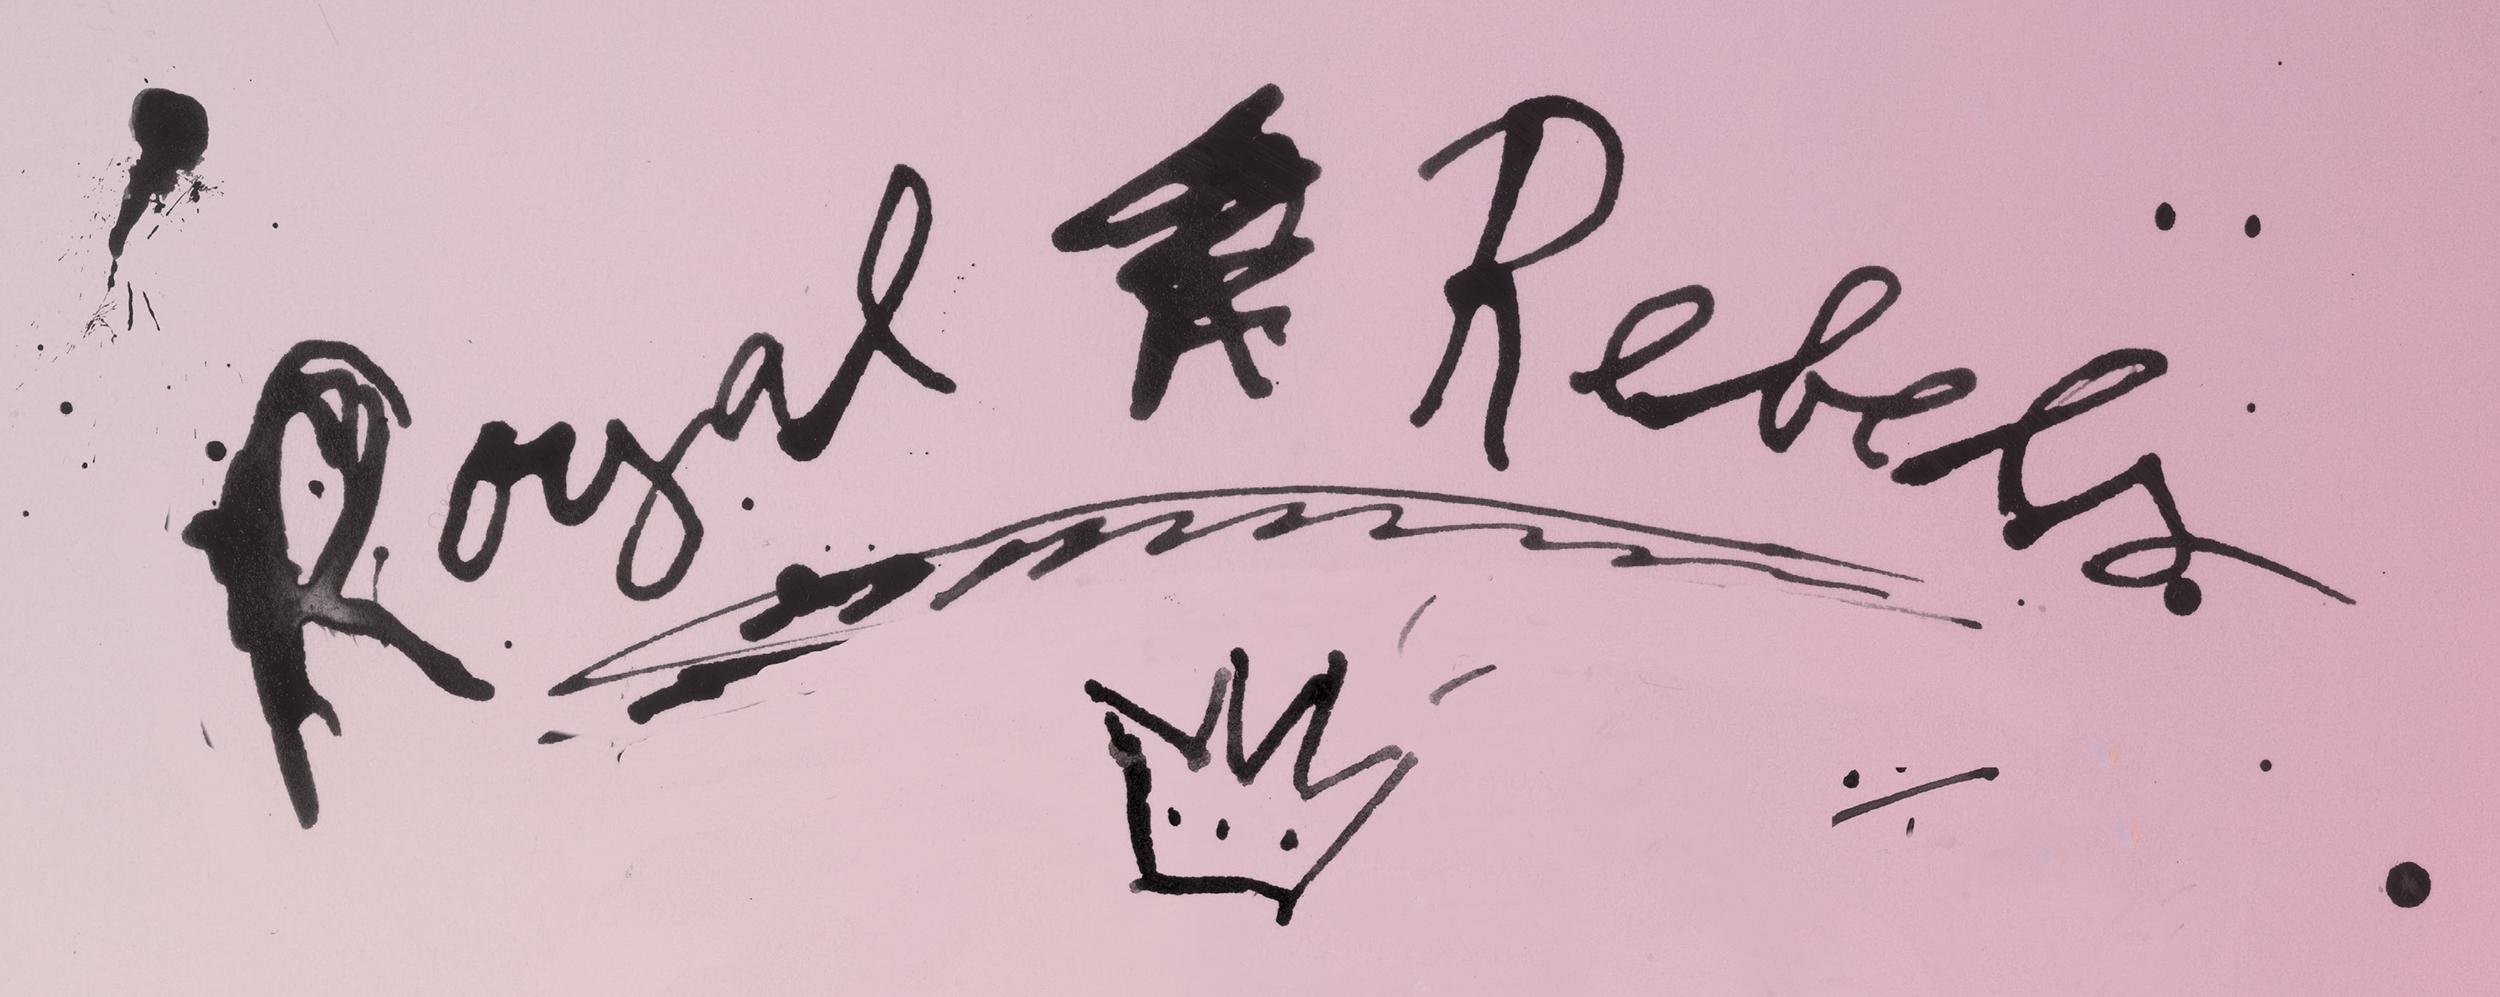 royal_rebels-1b.jpg